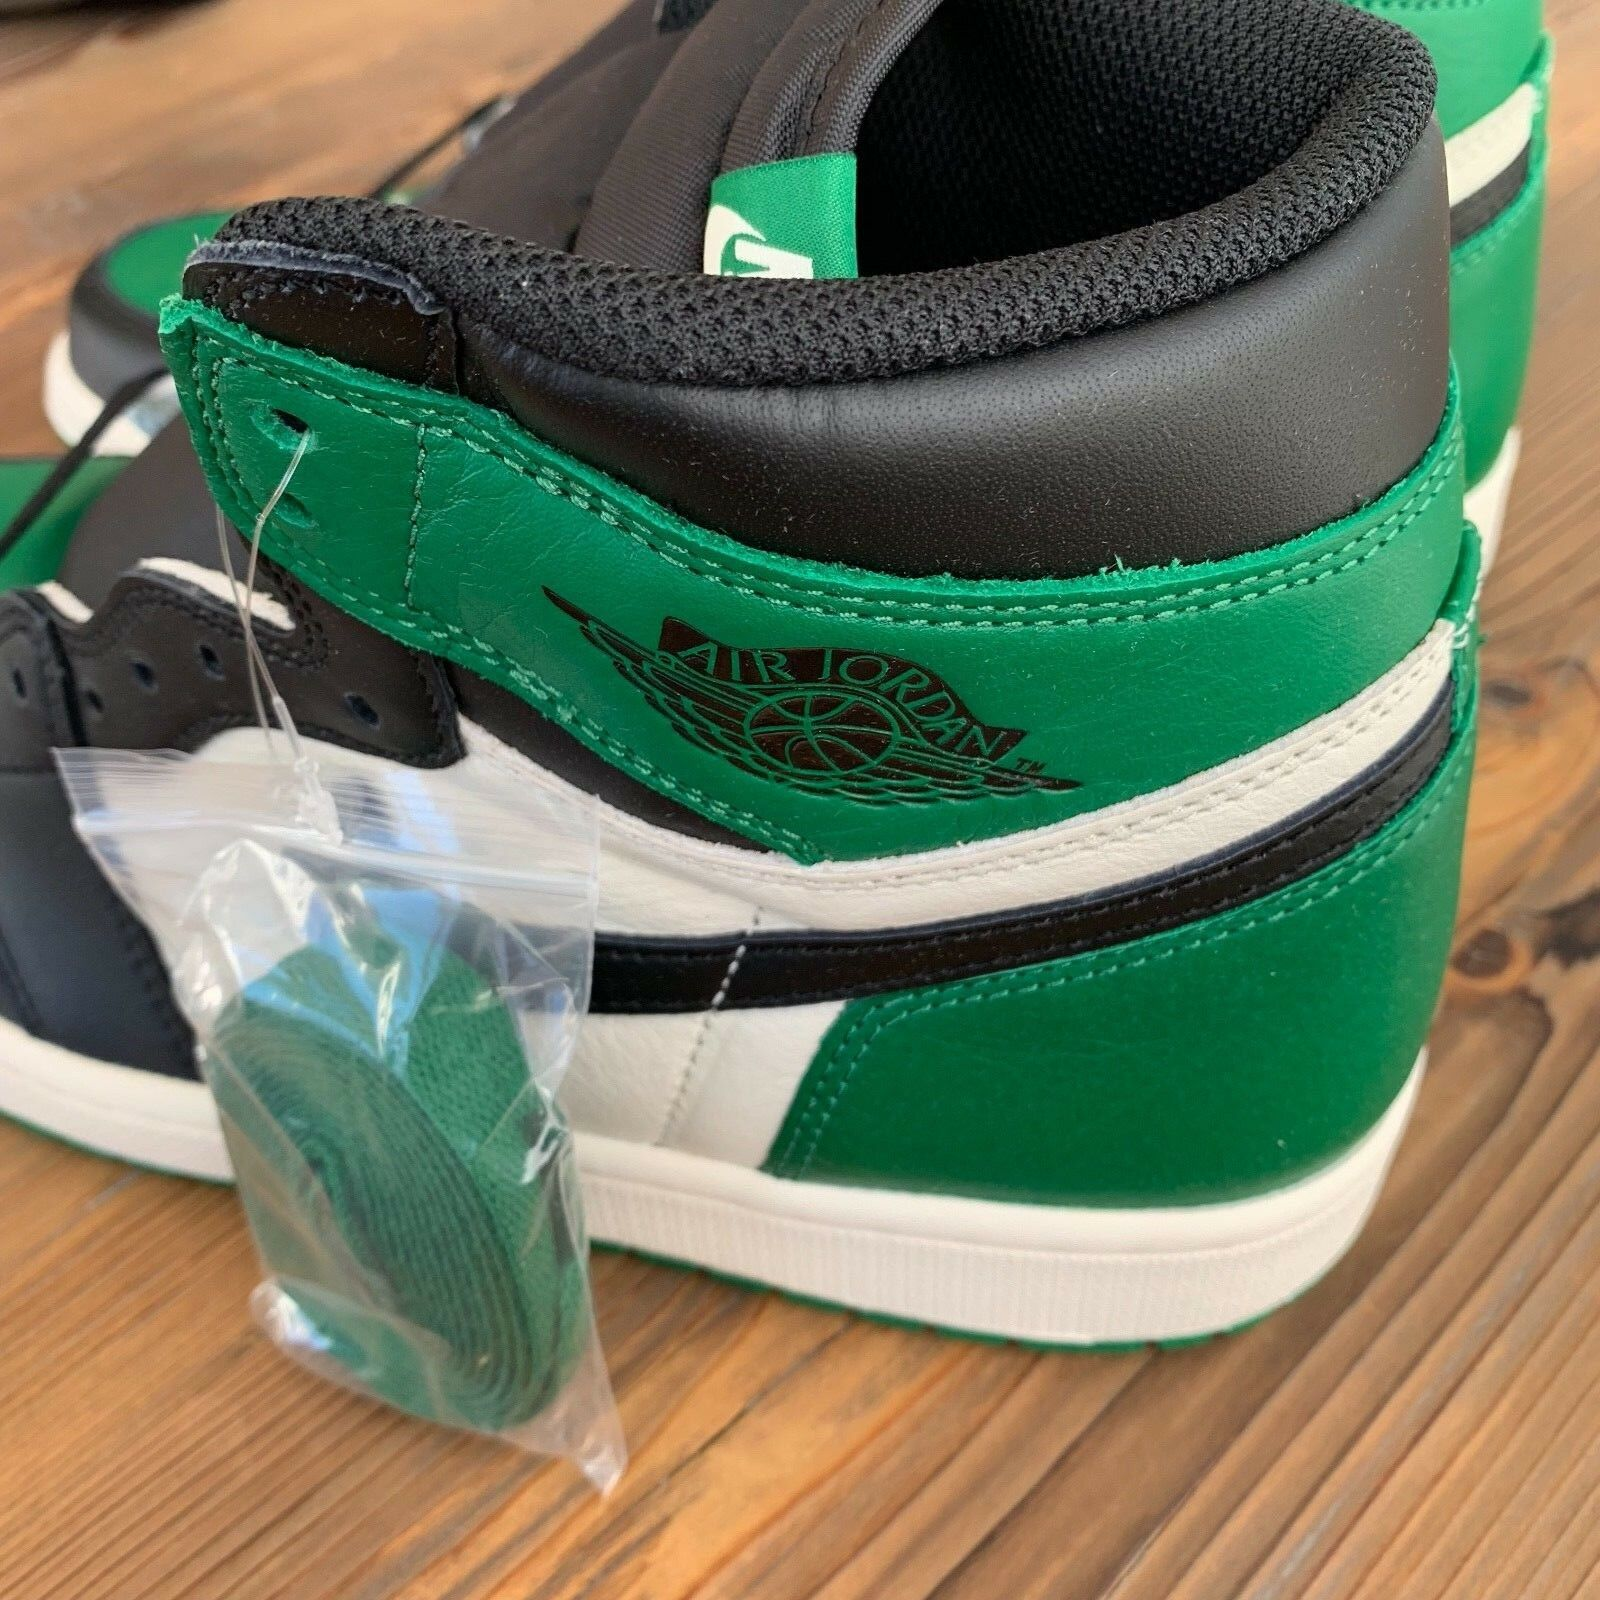 New Deadstock Nike Air Jordan Retro 1 High OG Pine Green Size 11.5 US 555088-302